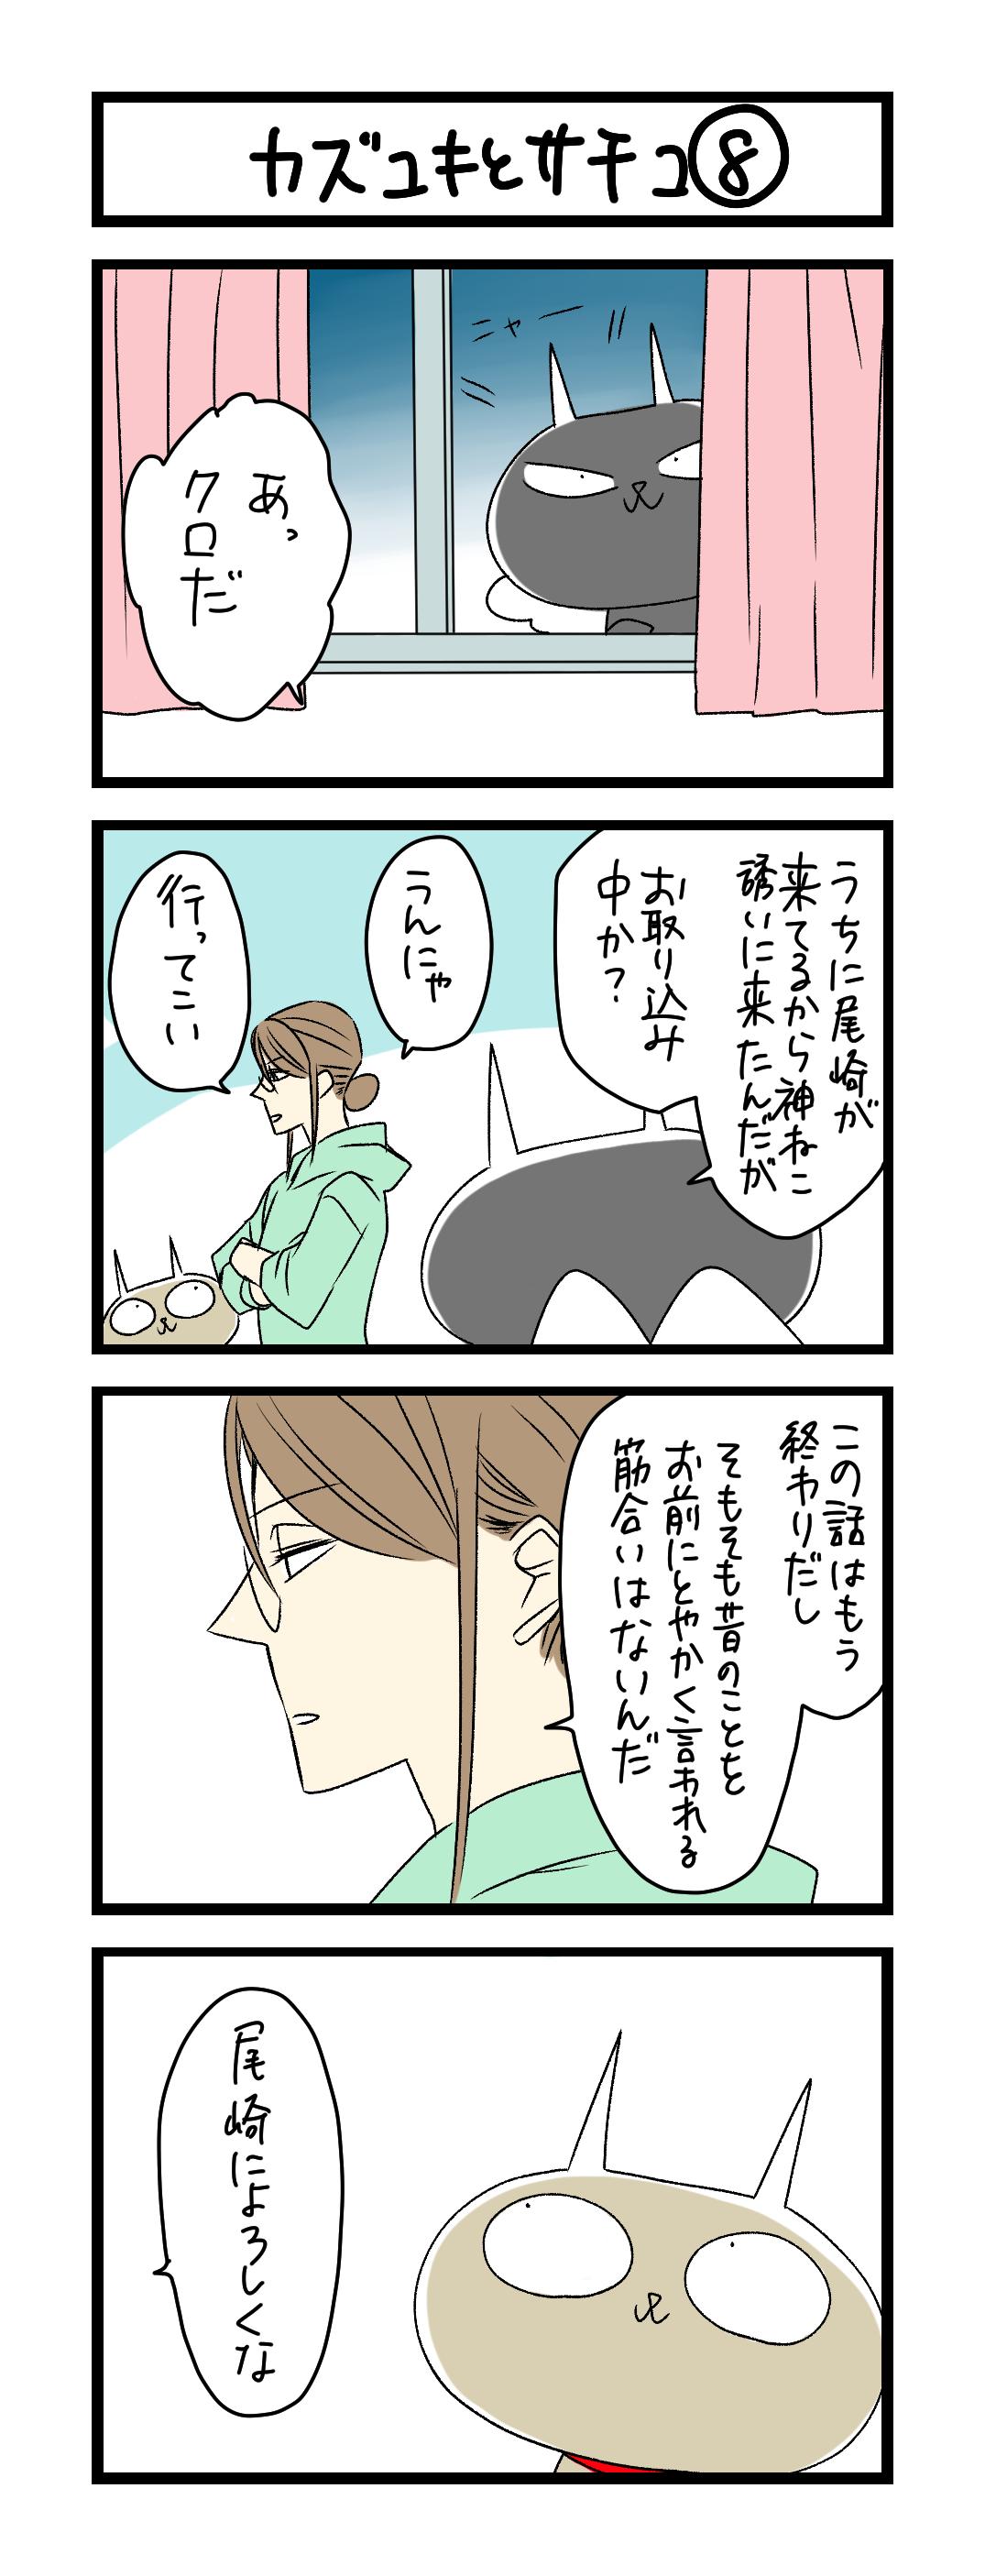 カズユキとサチコ 8